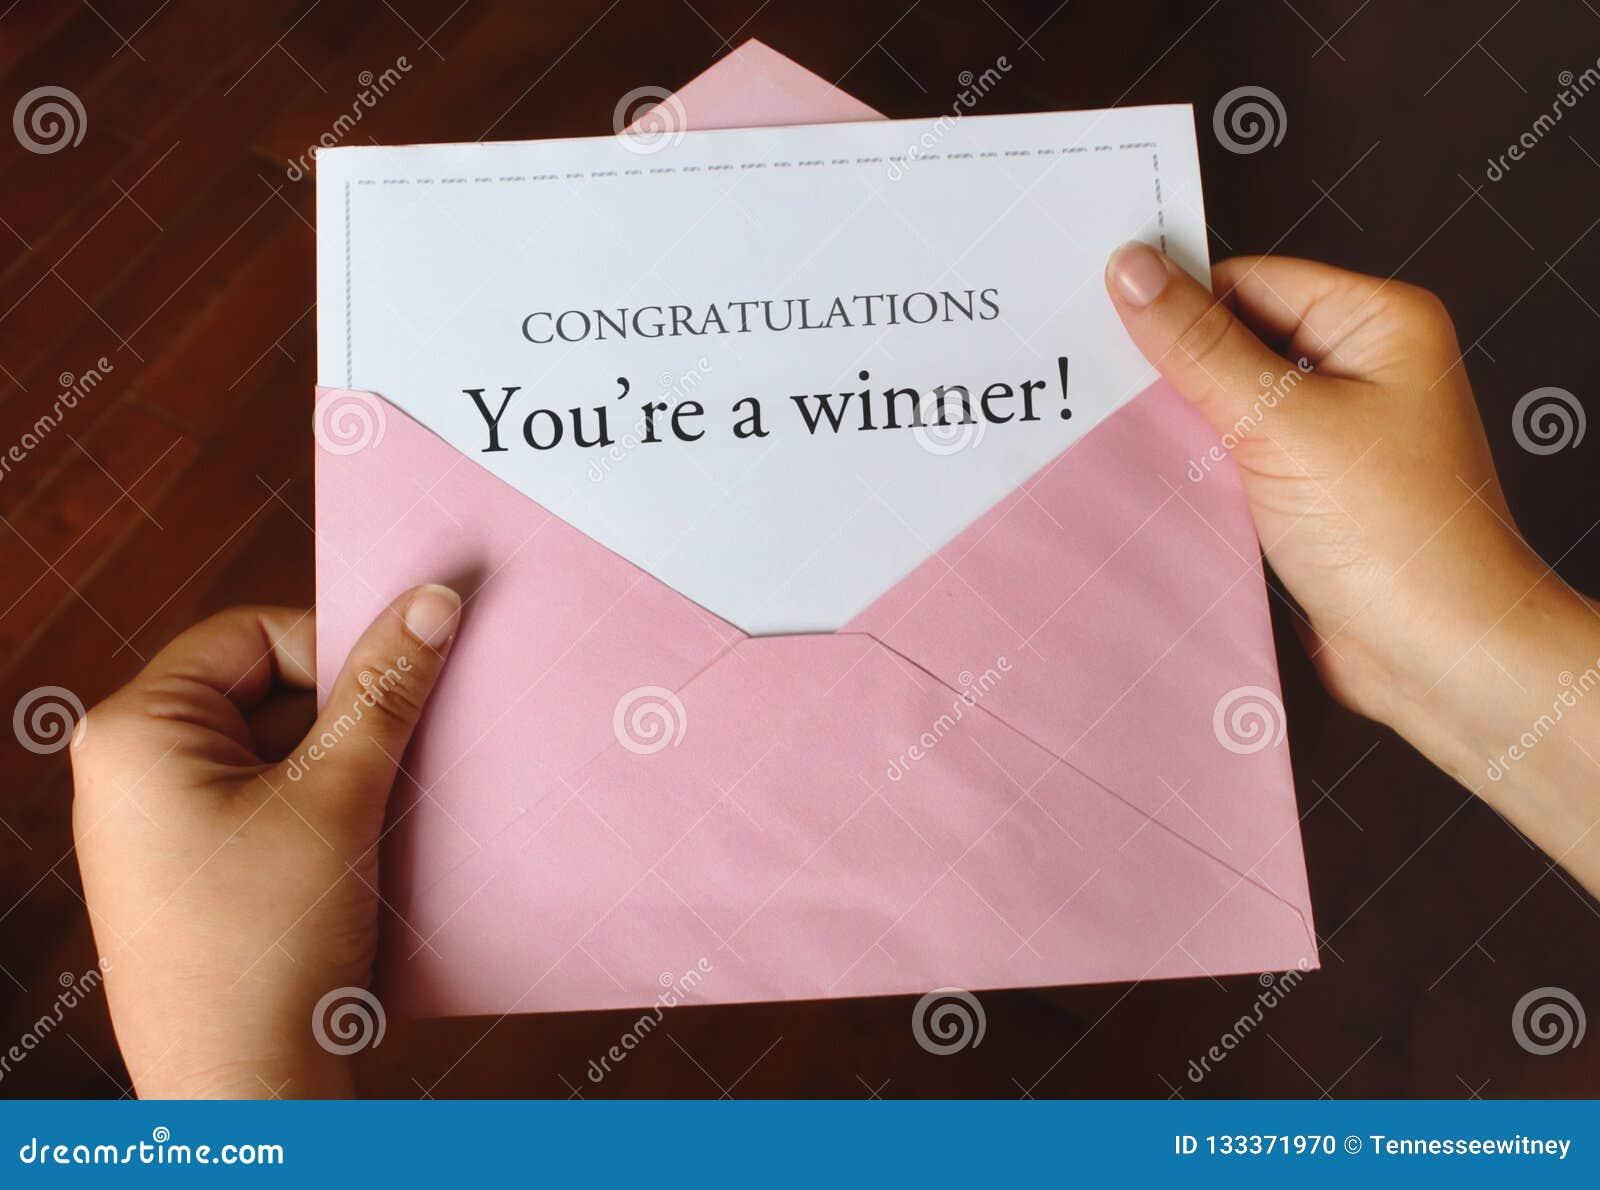 List który mówi gratulacje Ty jesteś zwycięzcą! z rękami trzyma różową kopertę